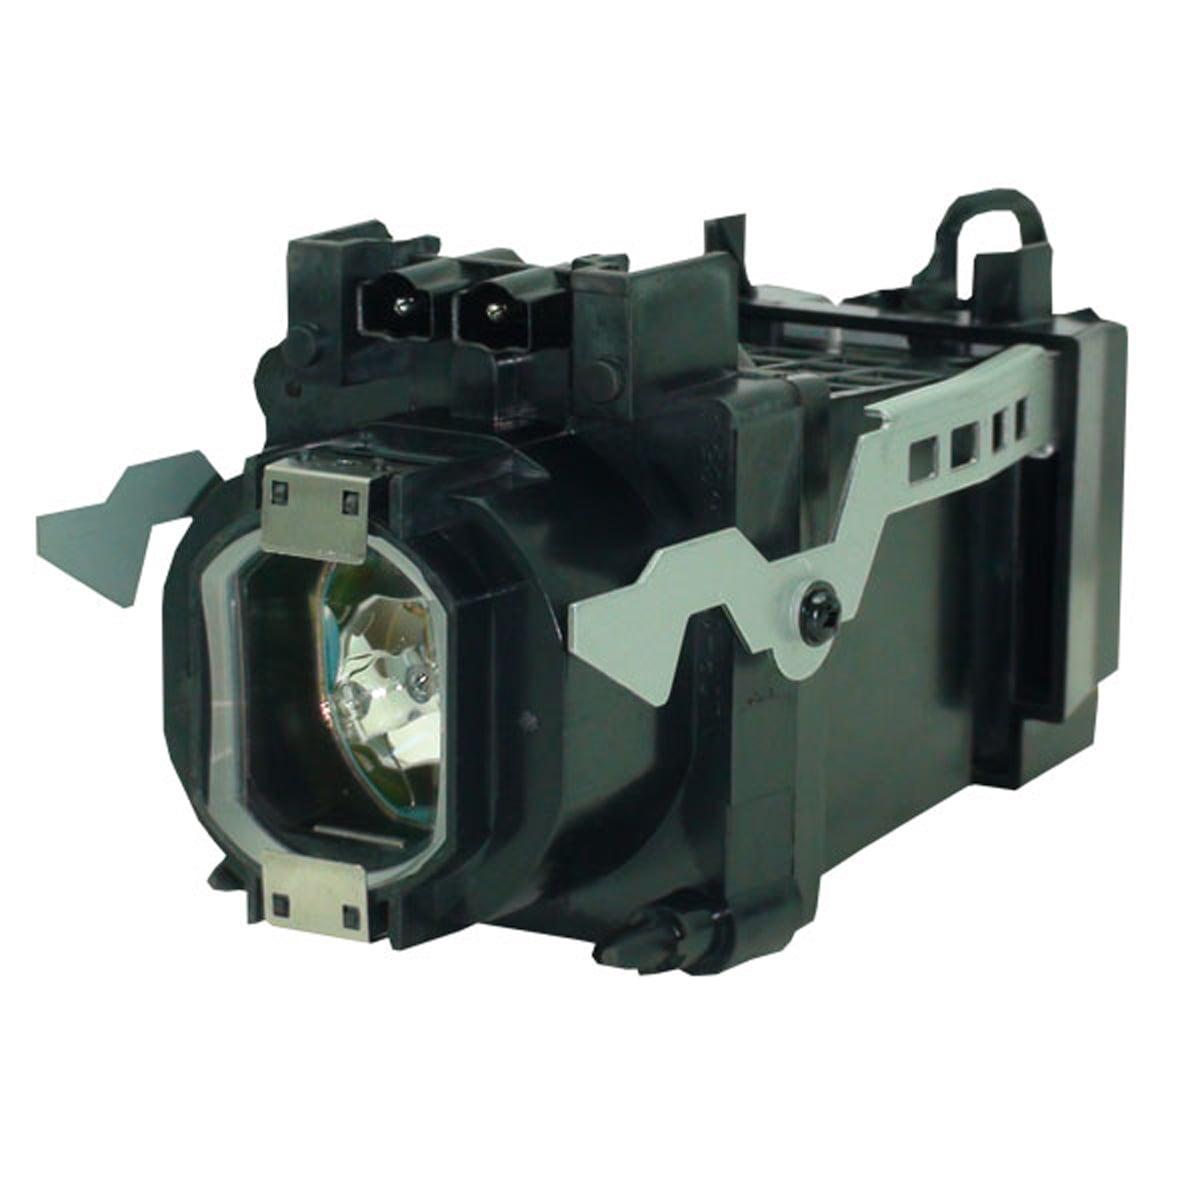 Osram Lamp Housing For Sony KDF-42E2000 / KDF42E2000 Proj...